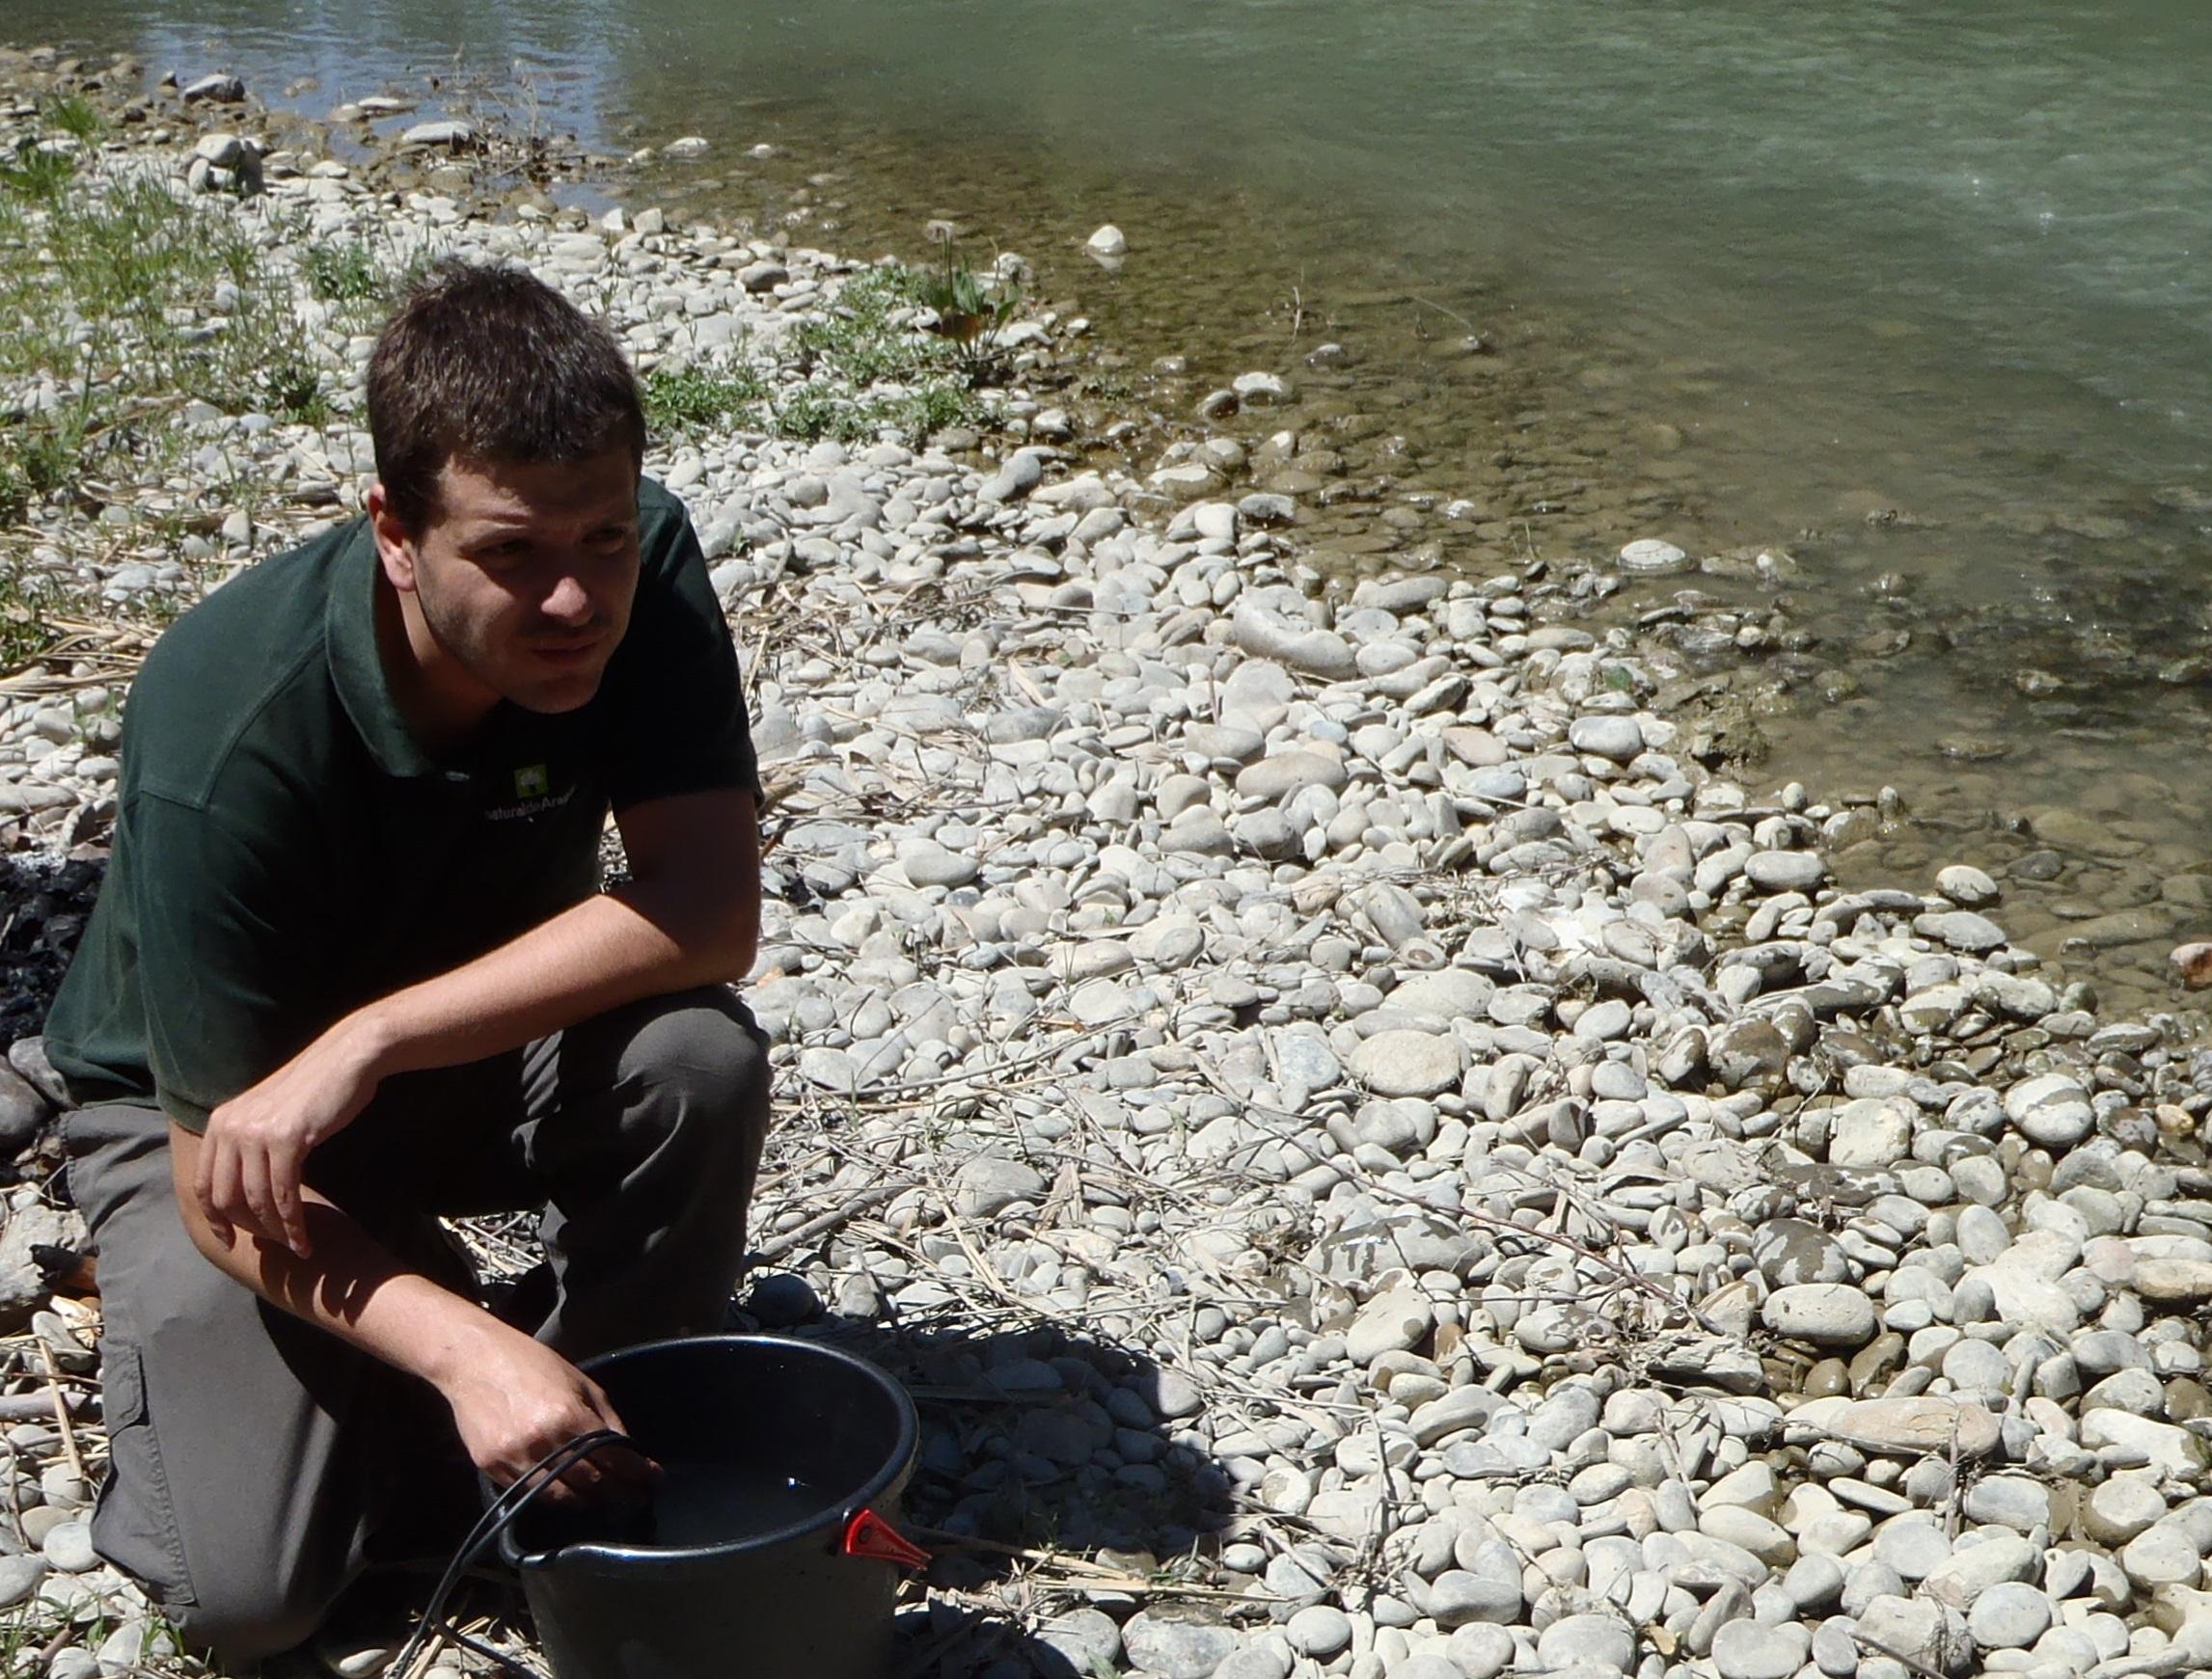 La Universidad San Jorge crea una nueva metodología para conocer la evolución de las temperaturas en los ríos